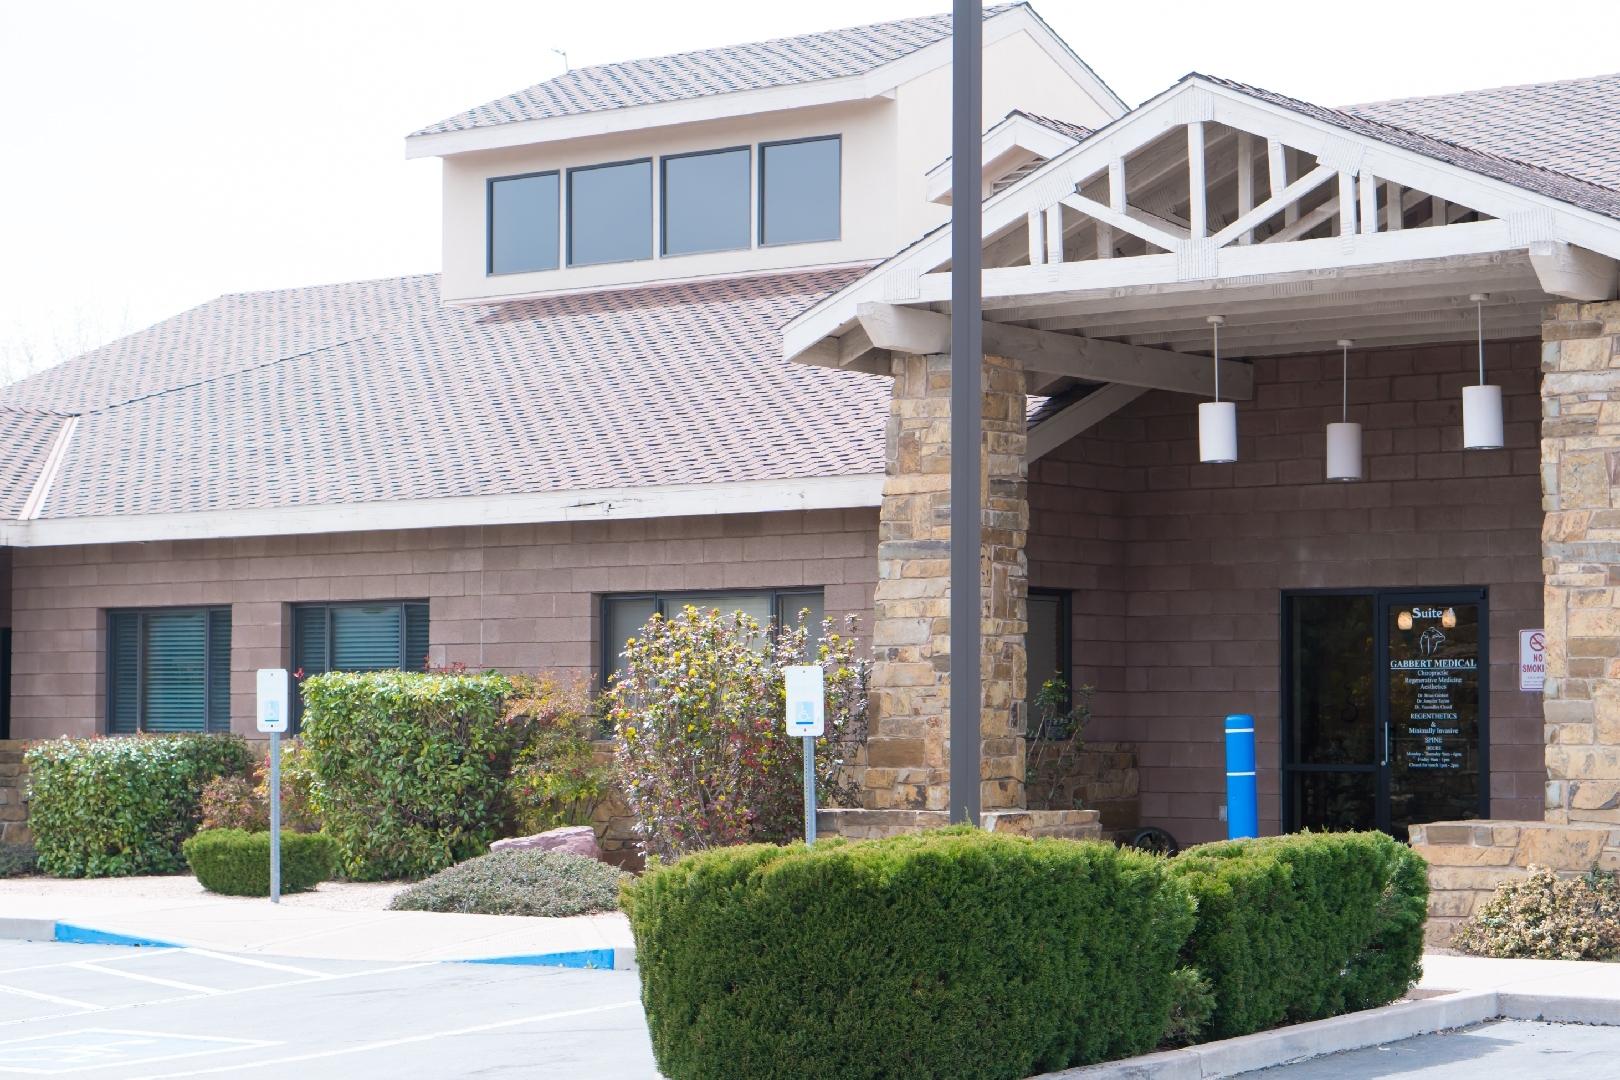 gabbert medical location